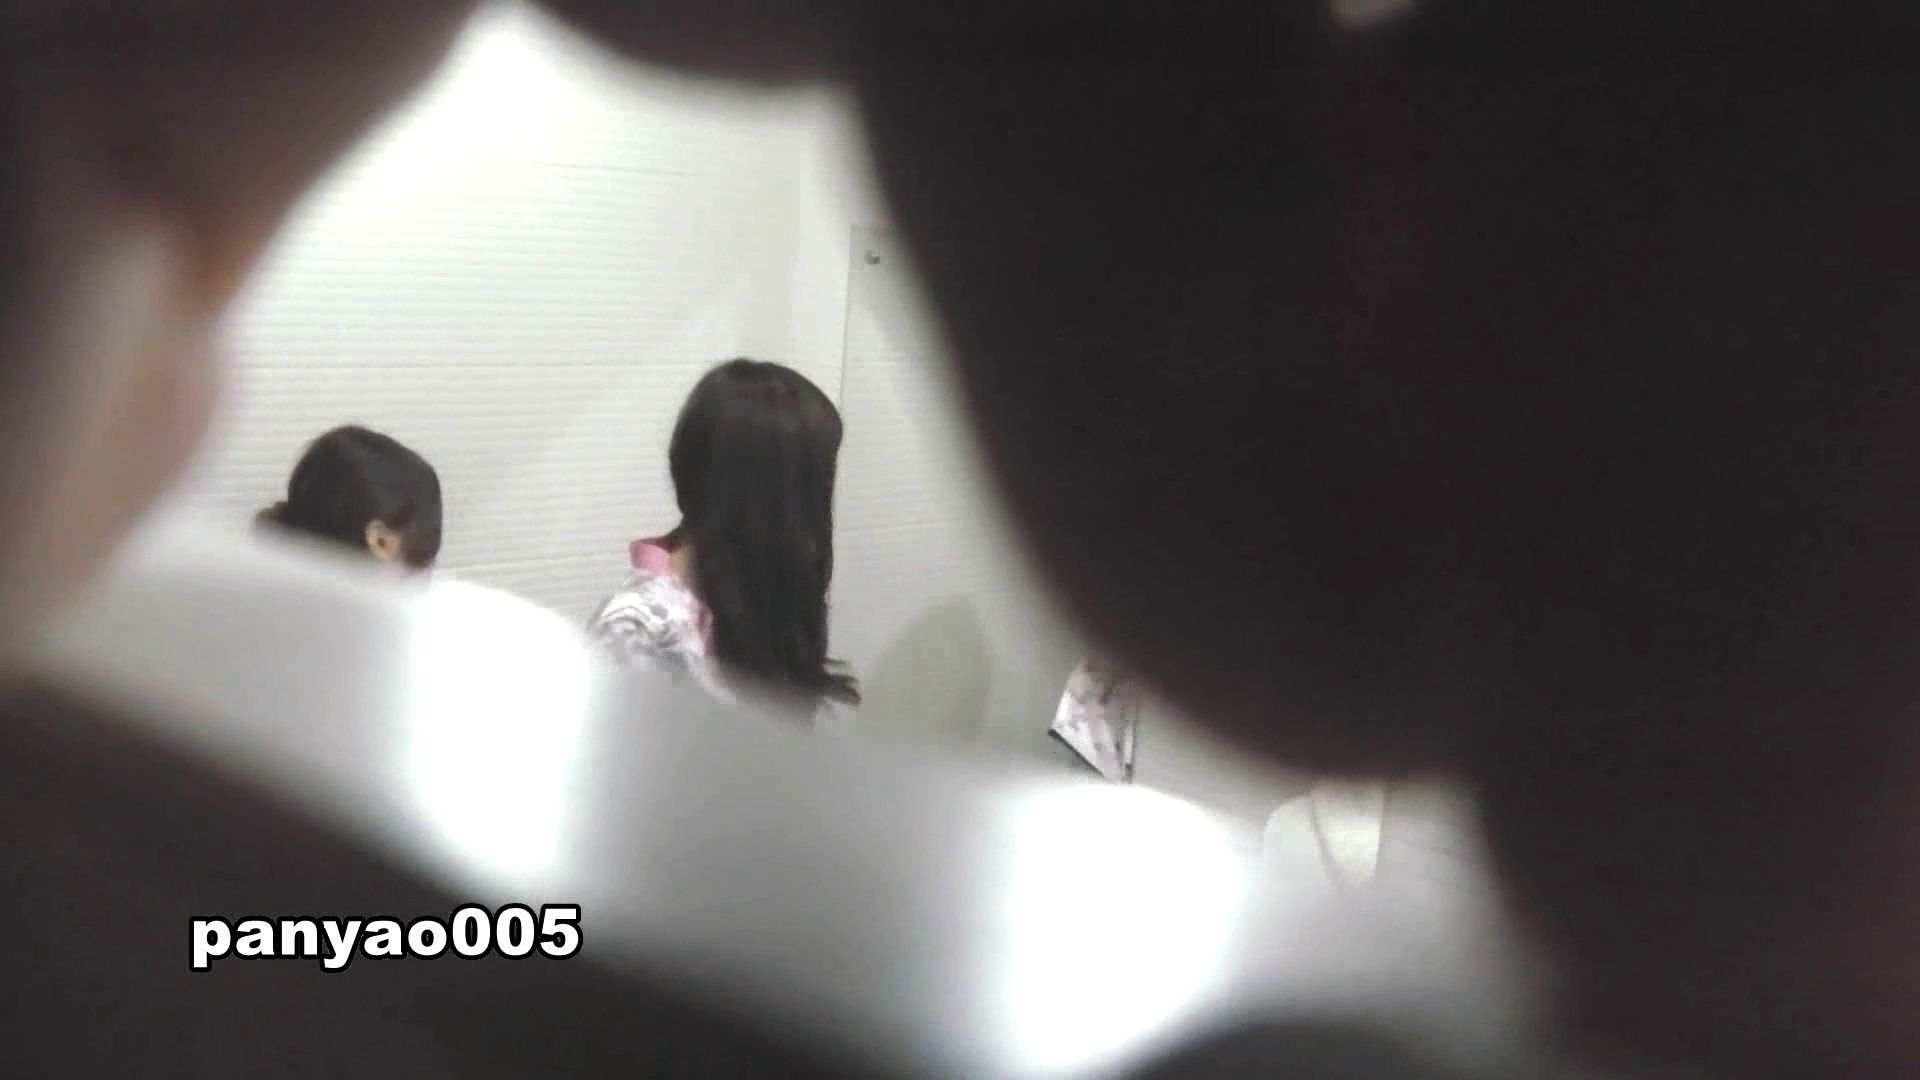 日本成人用品展览会。vol.05 そんな格好で… 潜入 オメコ動画キャプチャ 82画像 32